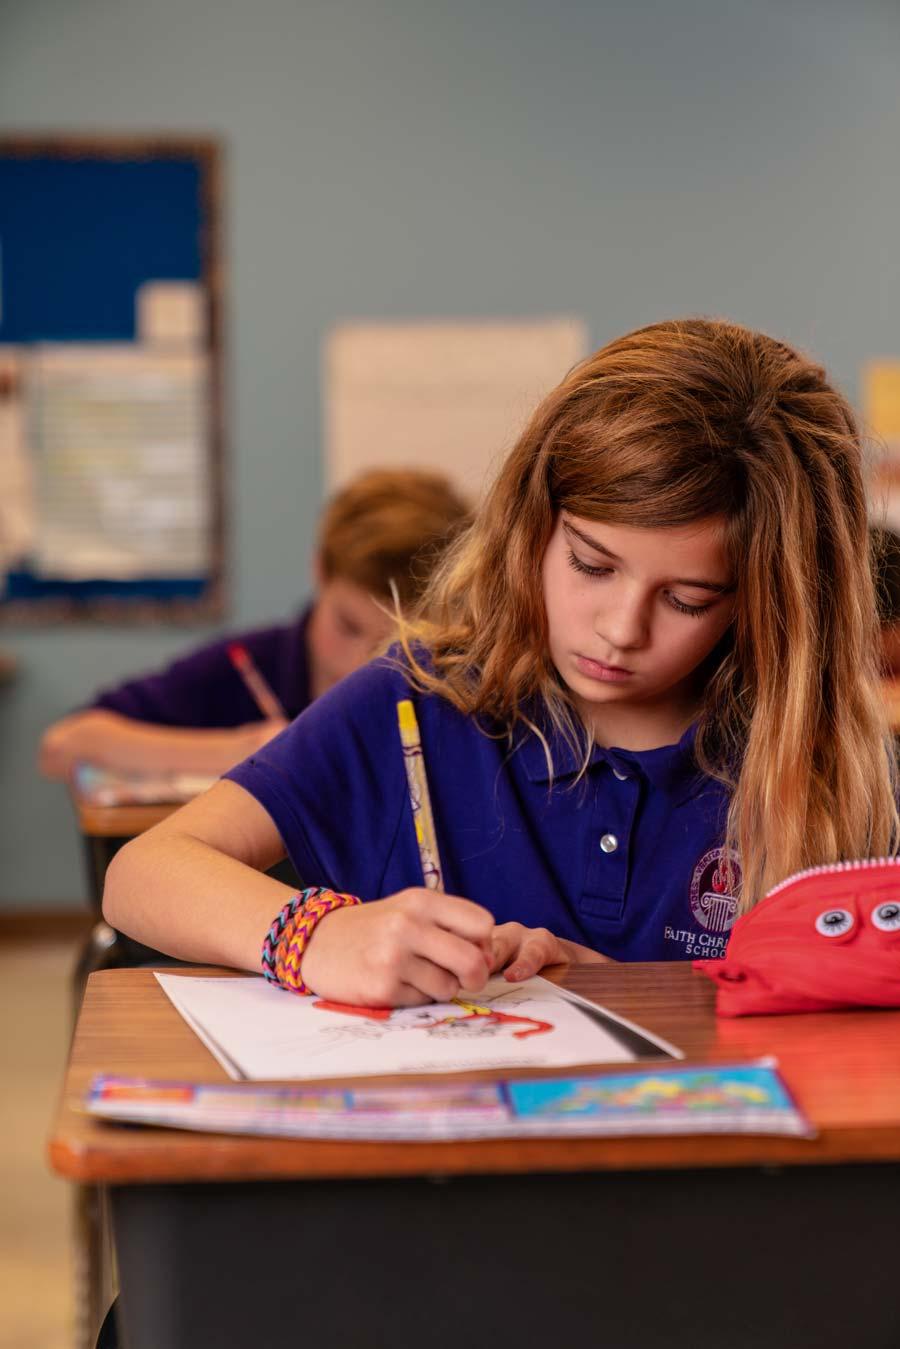 Faith Christian School Sets Foundation For Life